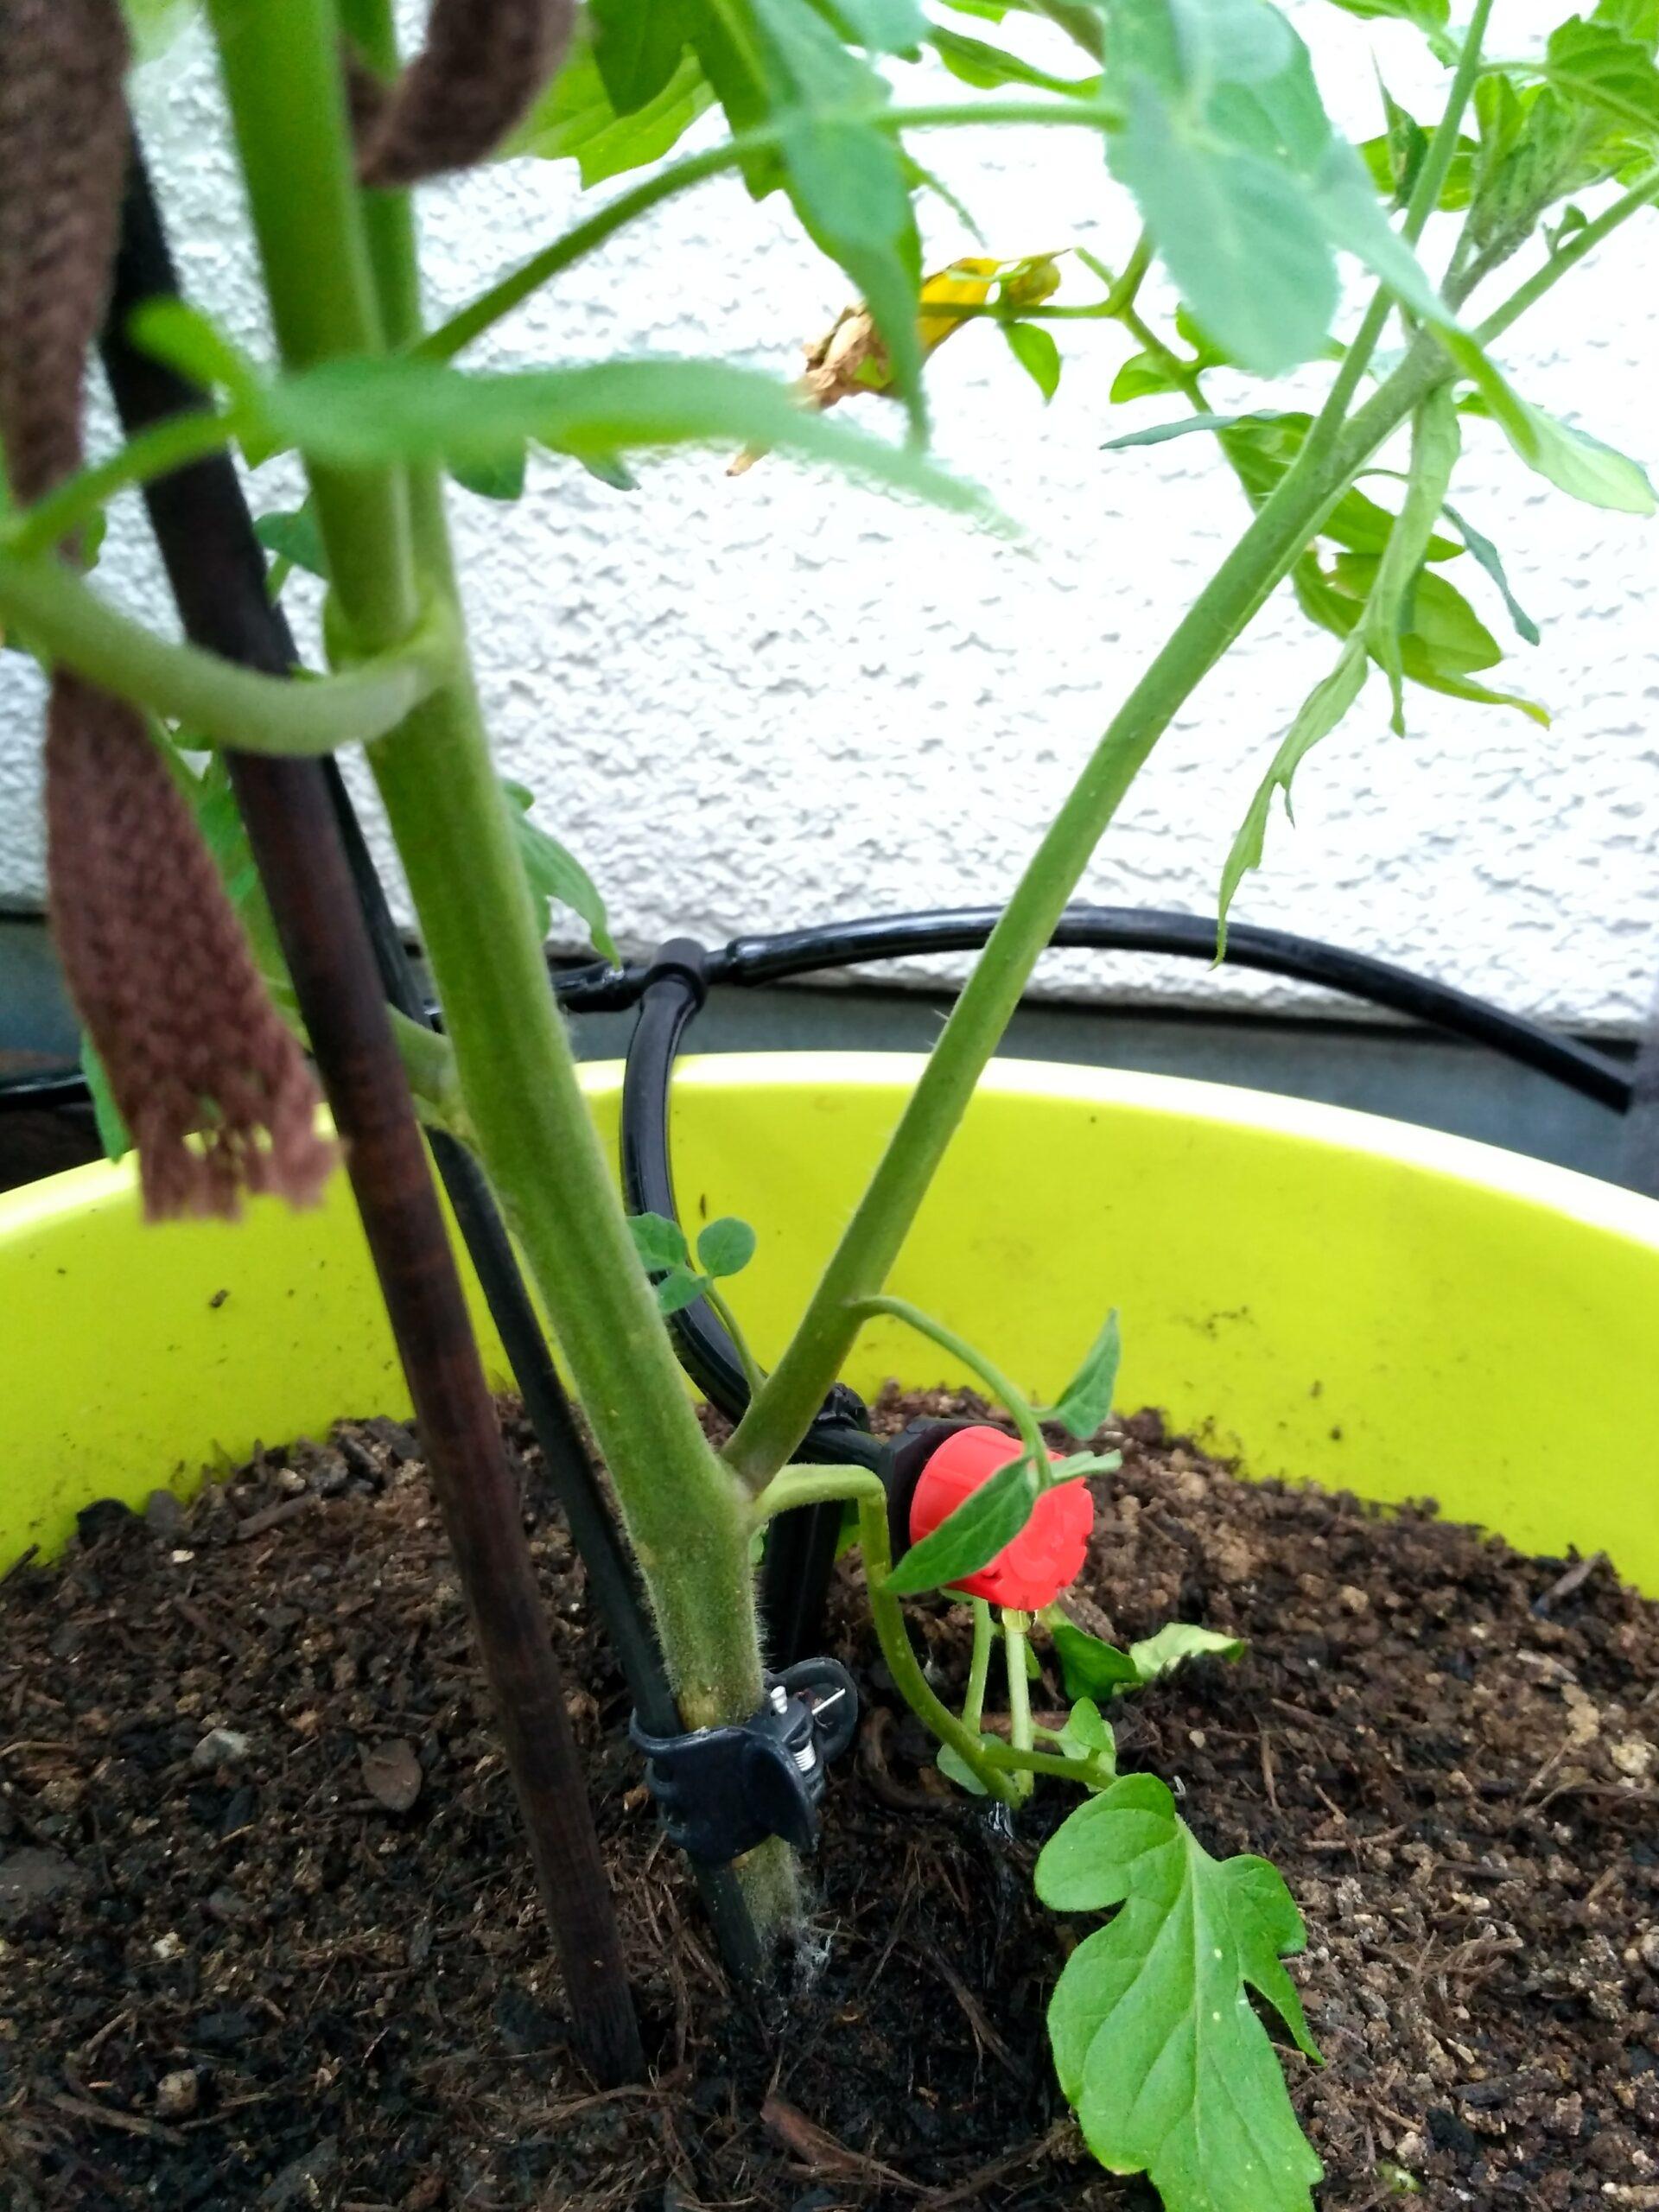 Full Size of Bewässerung Balkon Fr Faule Gartenfans Automatische Bewsserung Aus China Bewässerungssysteme Garten Test Bewässerungssystem Automatisch Wohnzimmer Bewässerung Balkon